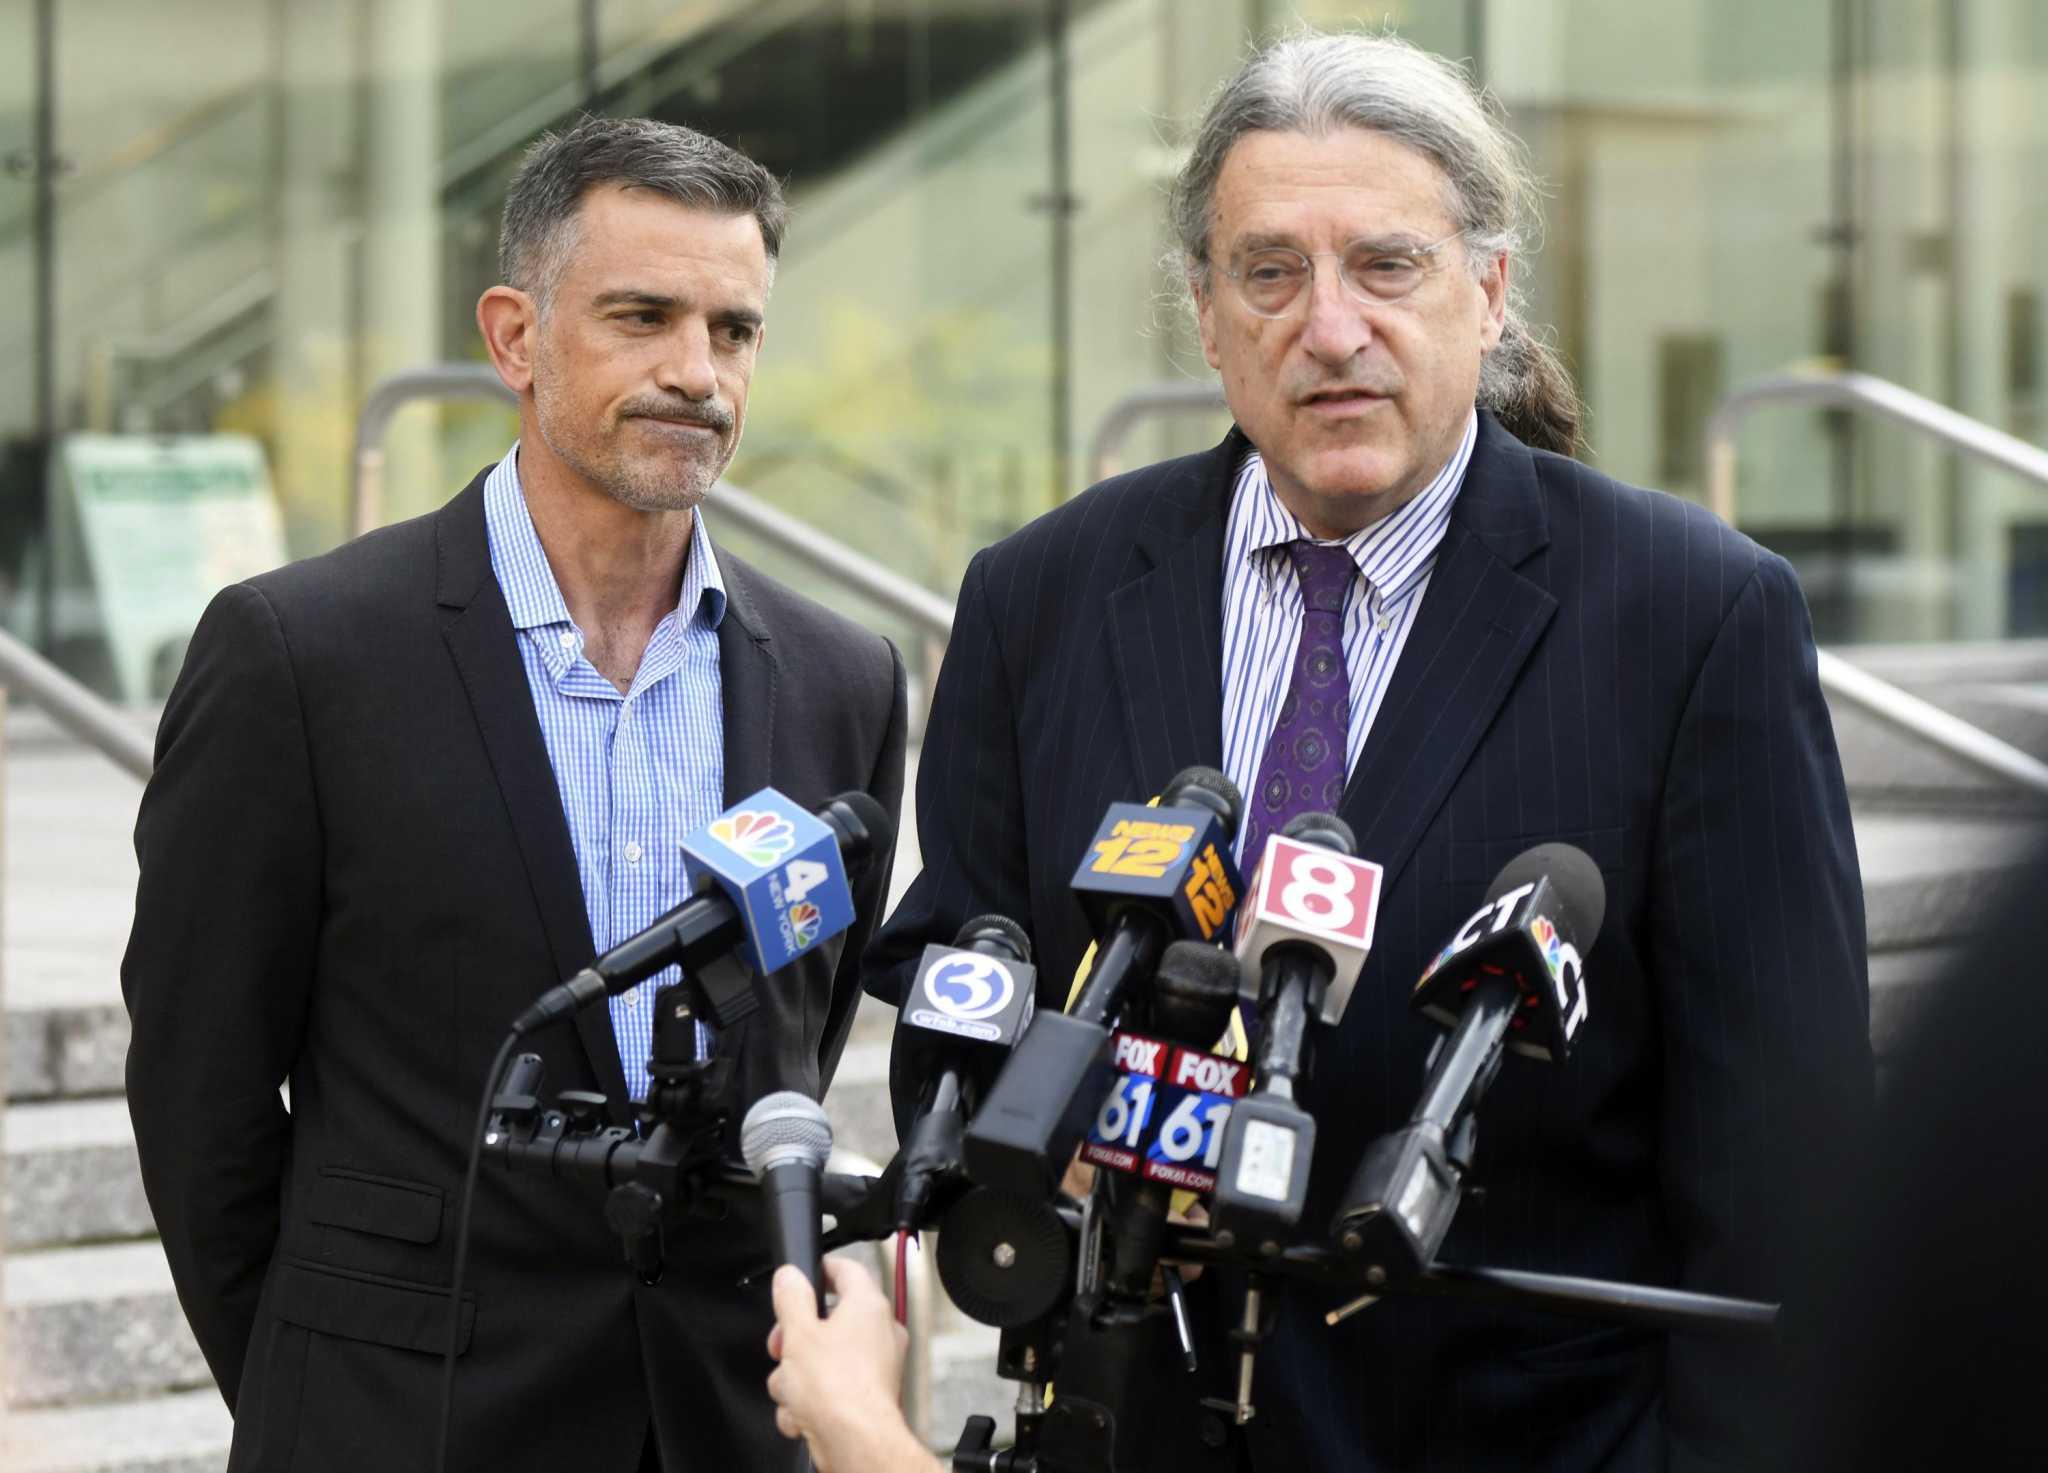 Gag order in Jennifer Dulos case could set CT precedent